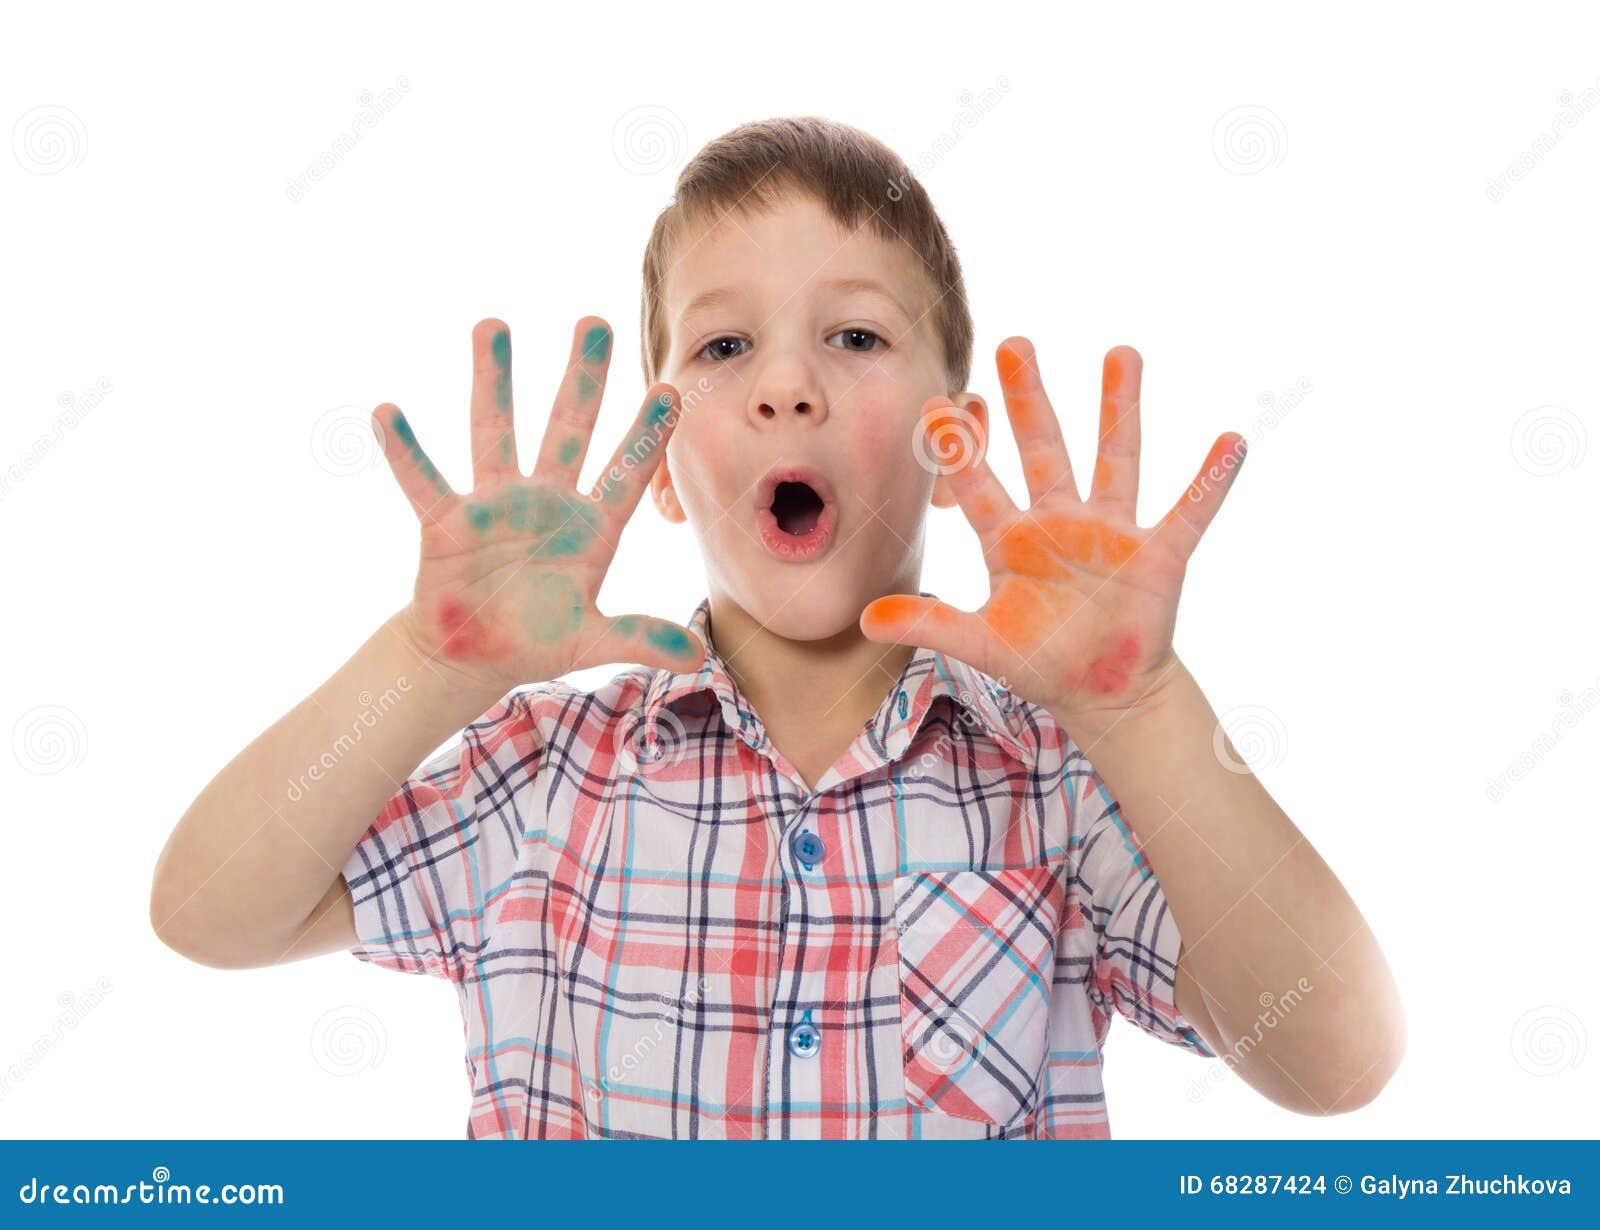 Sjungande pojke med färgrik målad fingerspridning